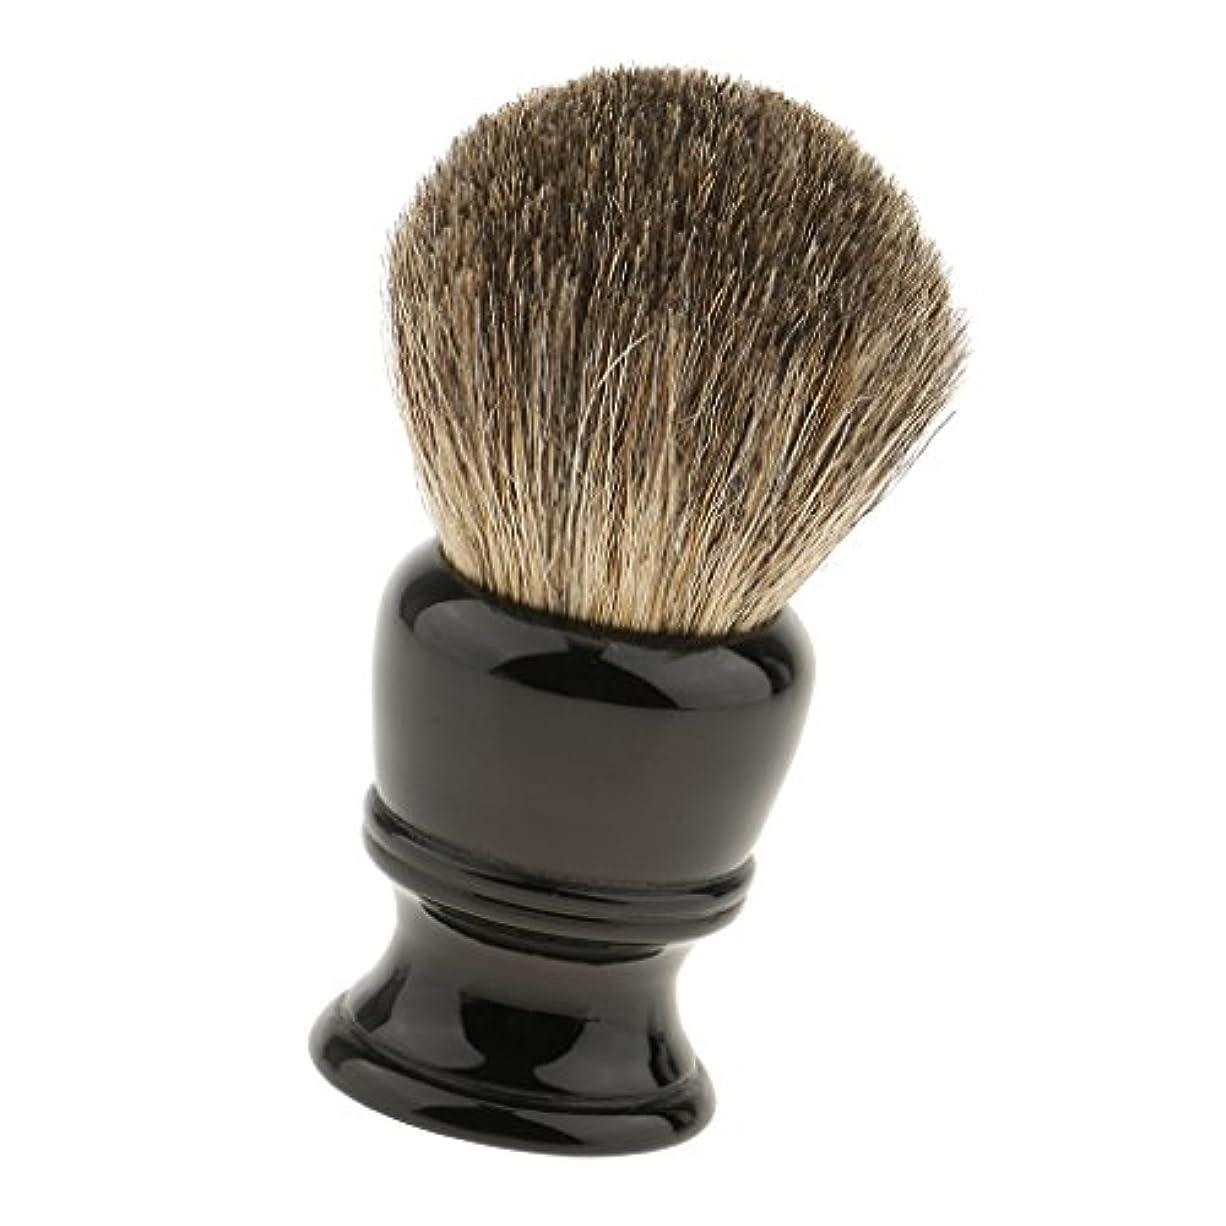 中毒黙認する鎖dailymall 樹脂ハンドルシェービングブラシホーム理容サロンツール旅行ポータブルキットの男性のひげ剃り